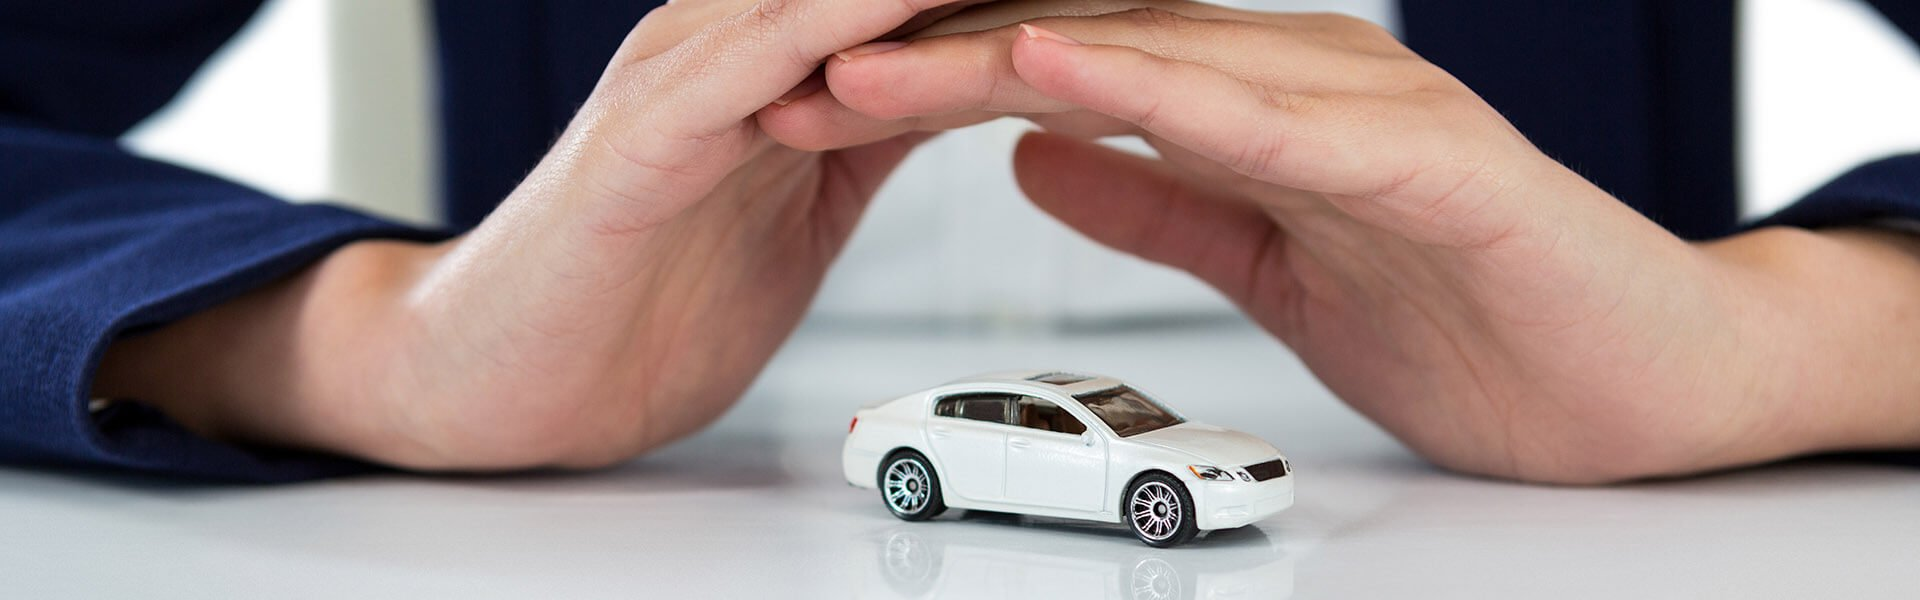 motorrijtuigverzekering-waarop-letten